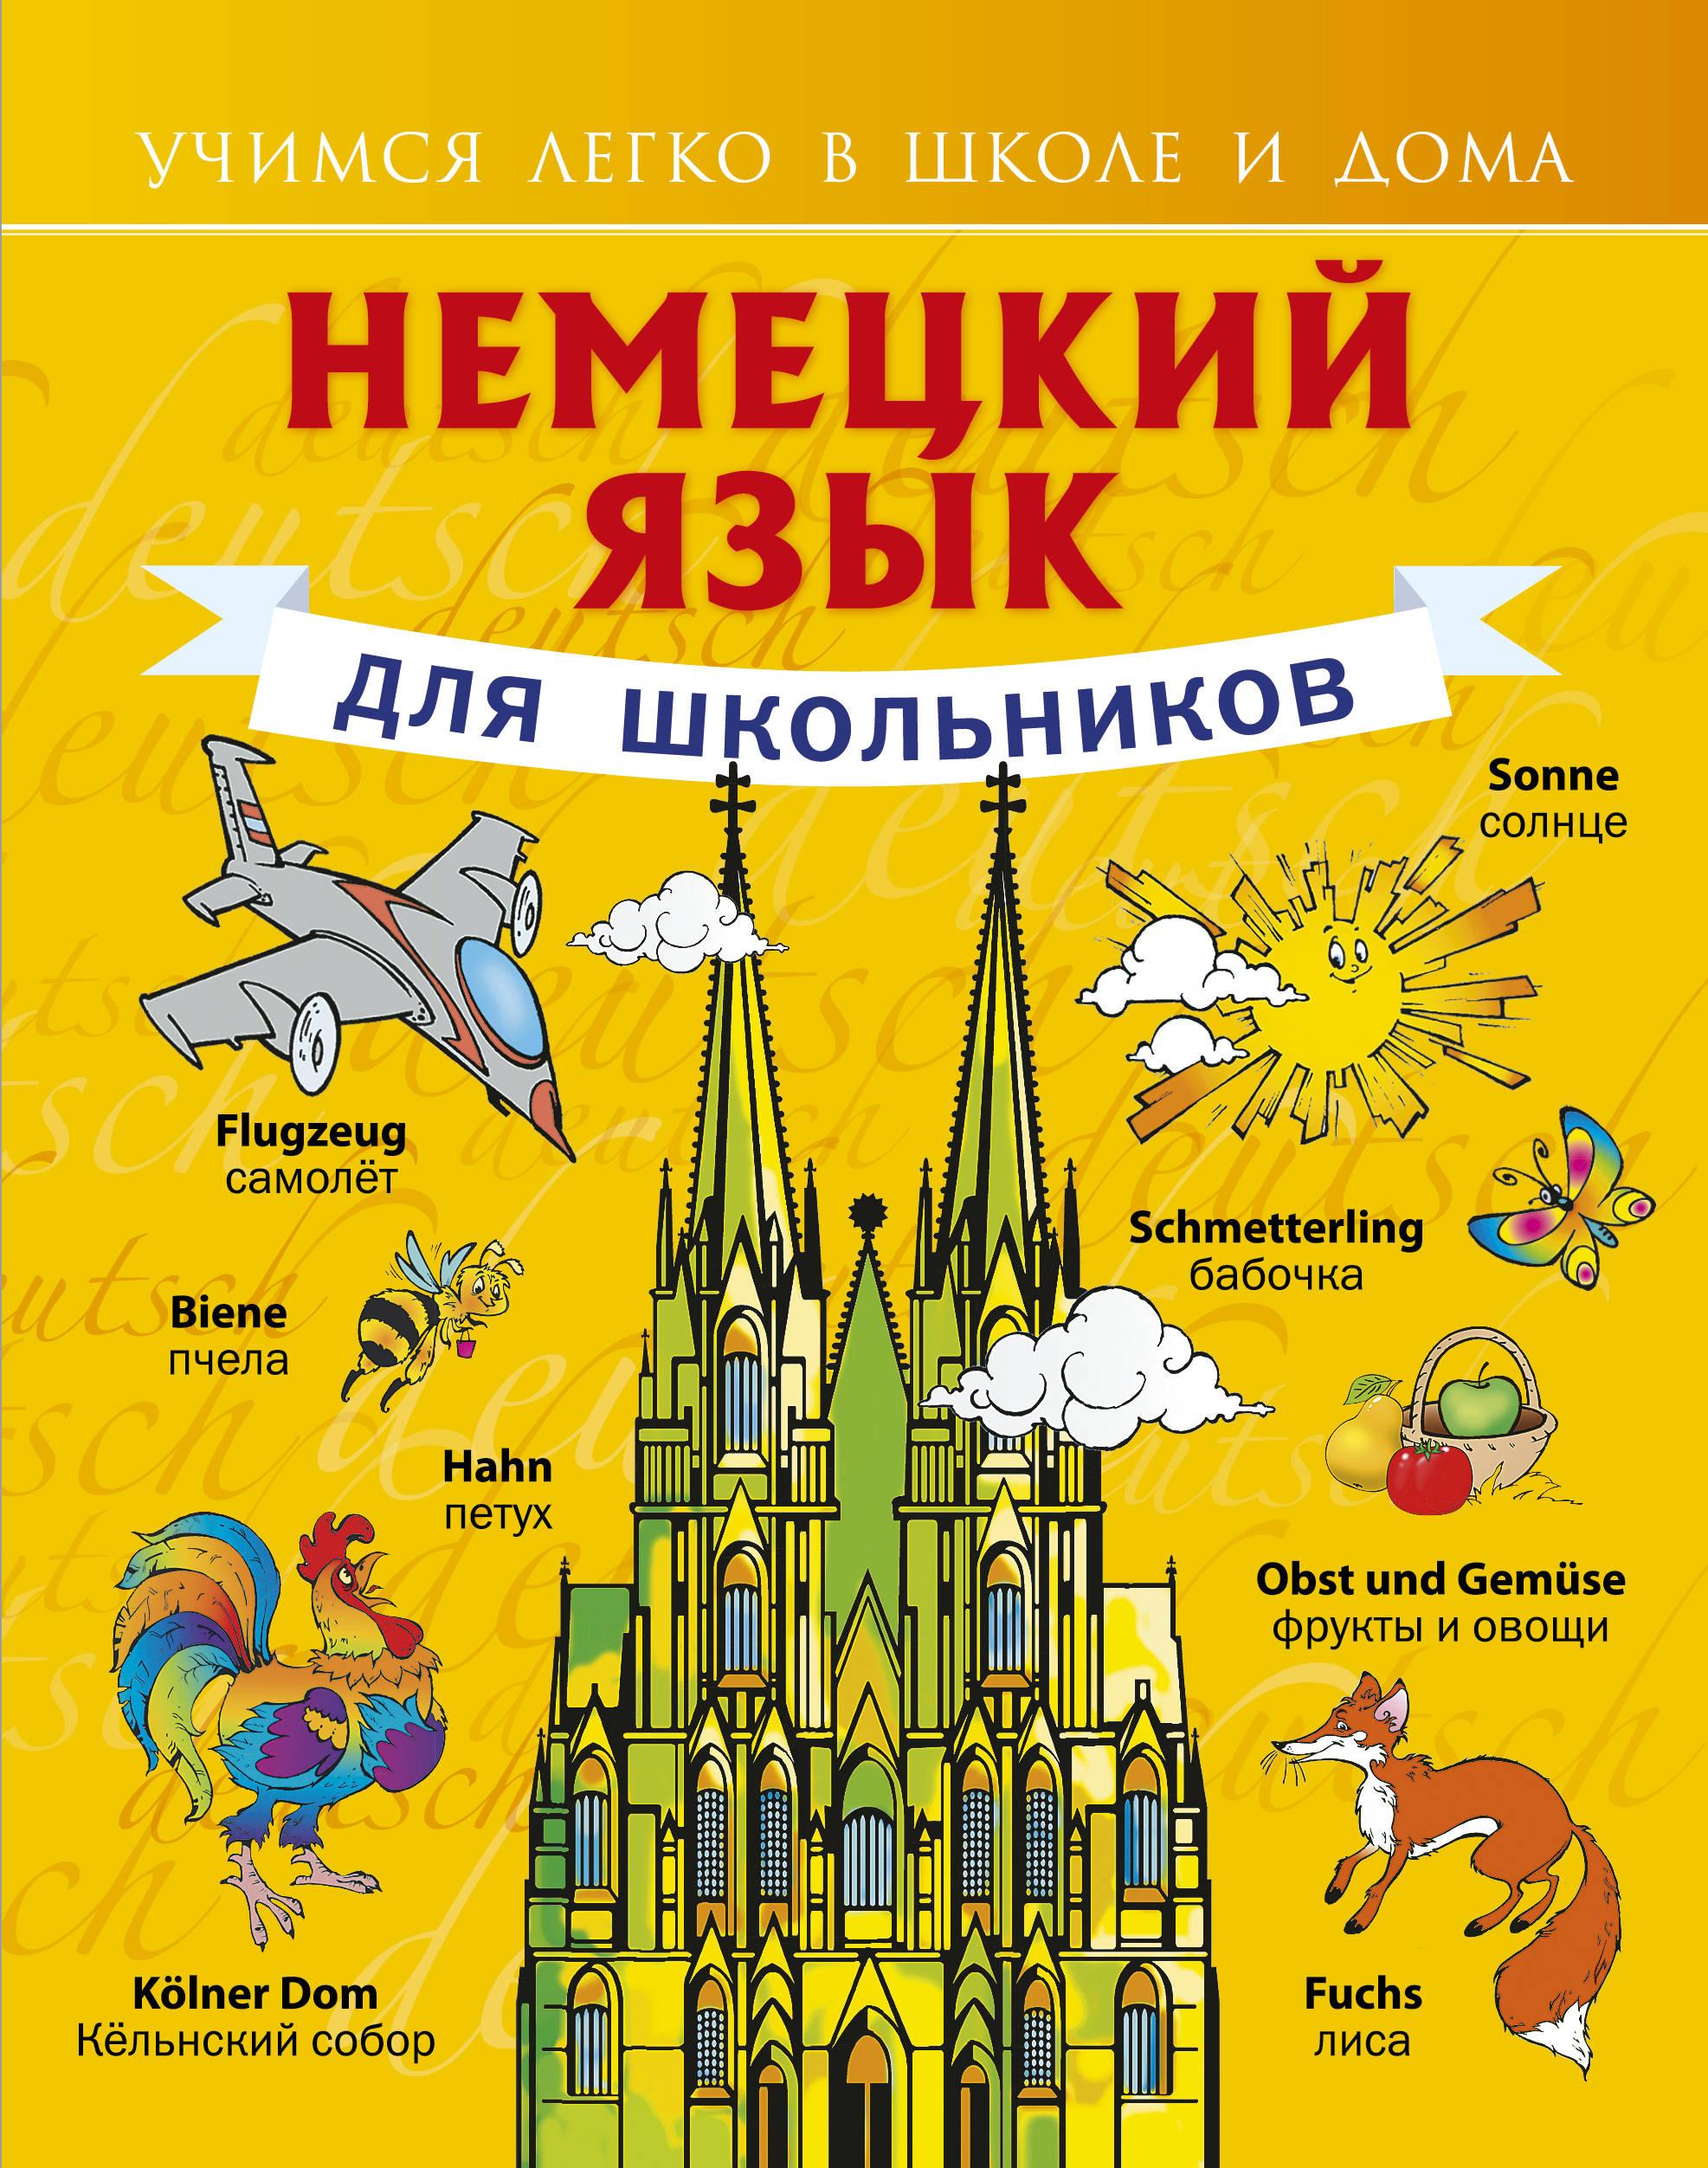 Матвеев С.А. Немецкий язык для школьников